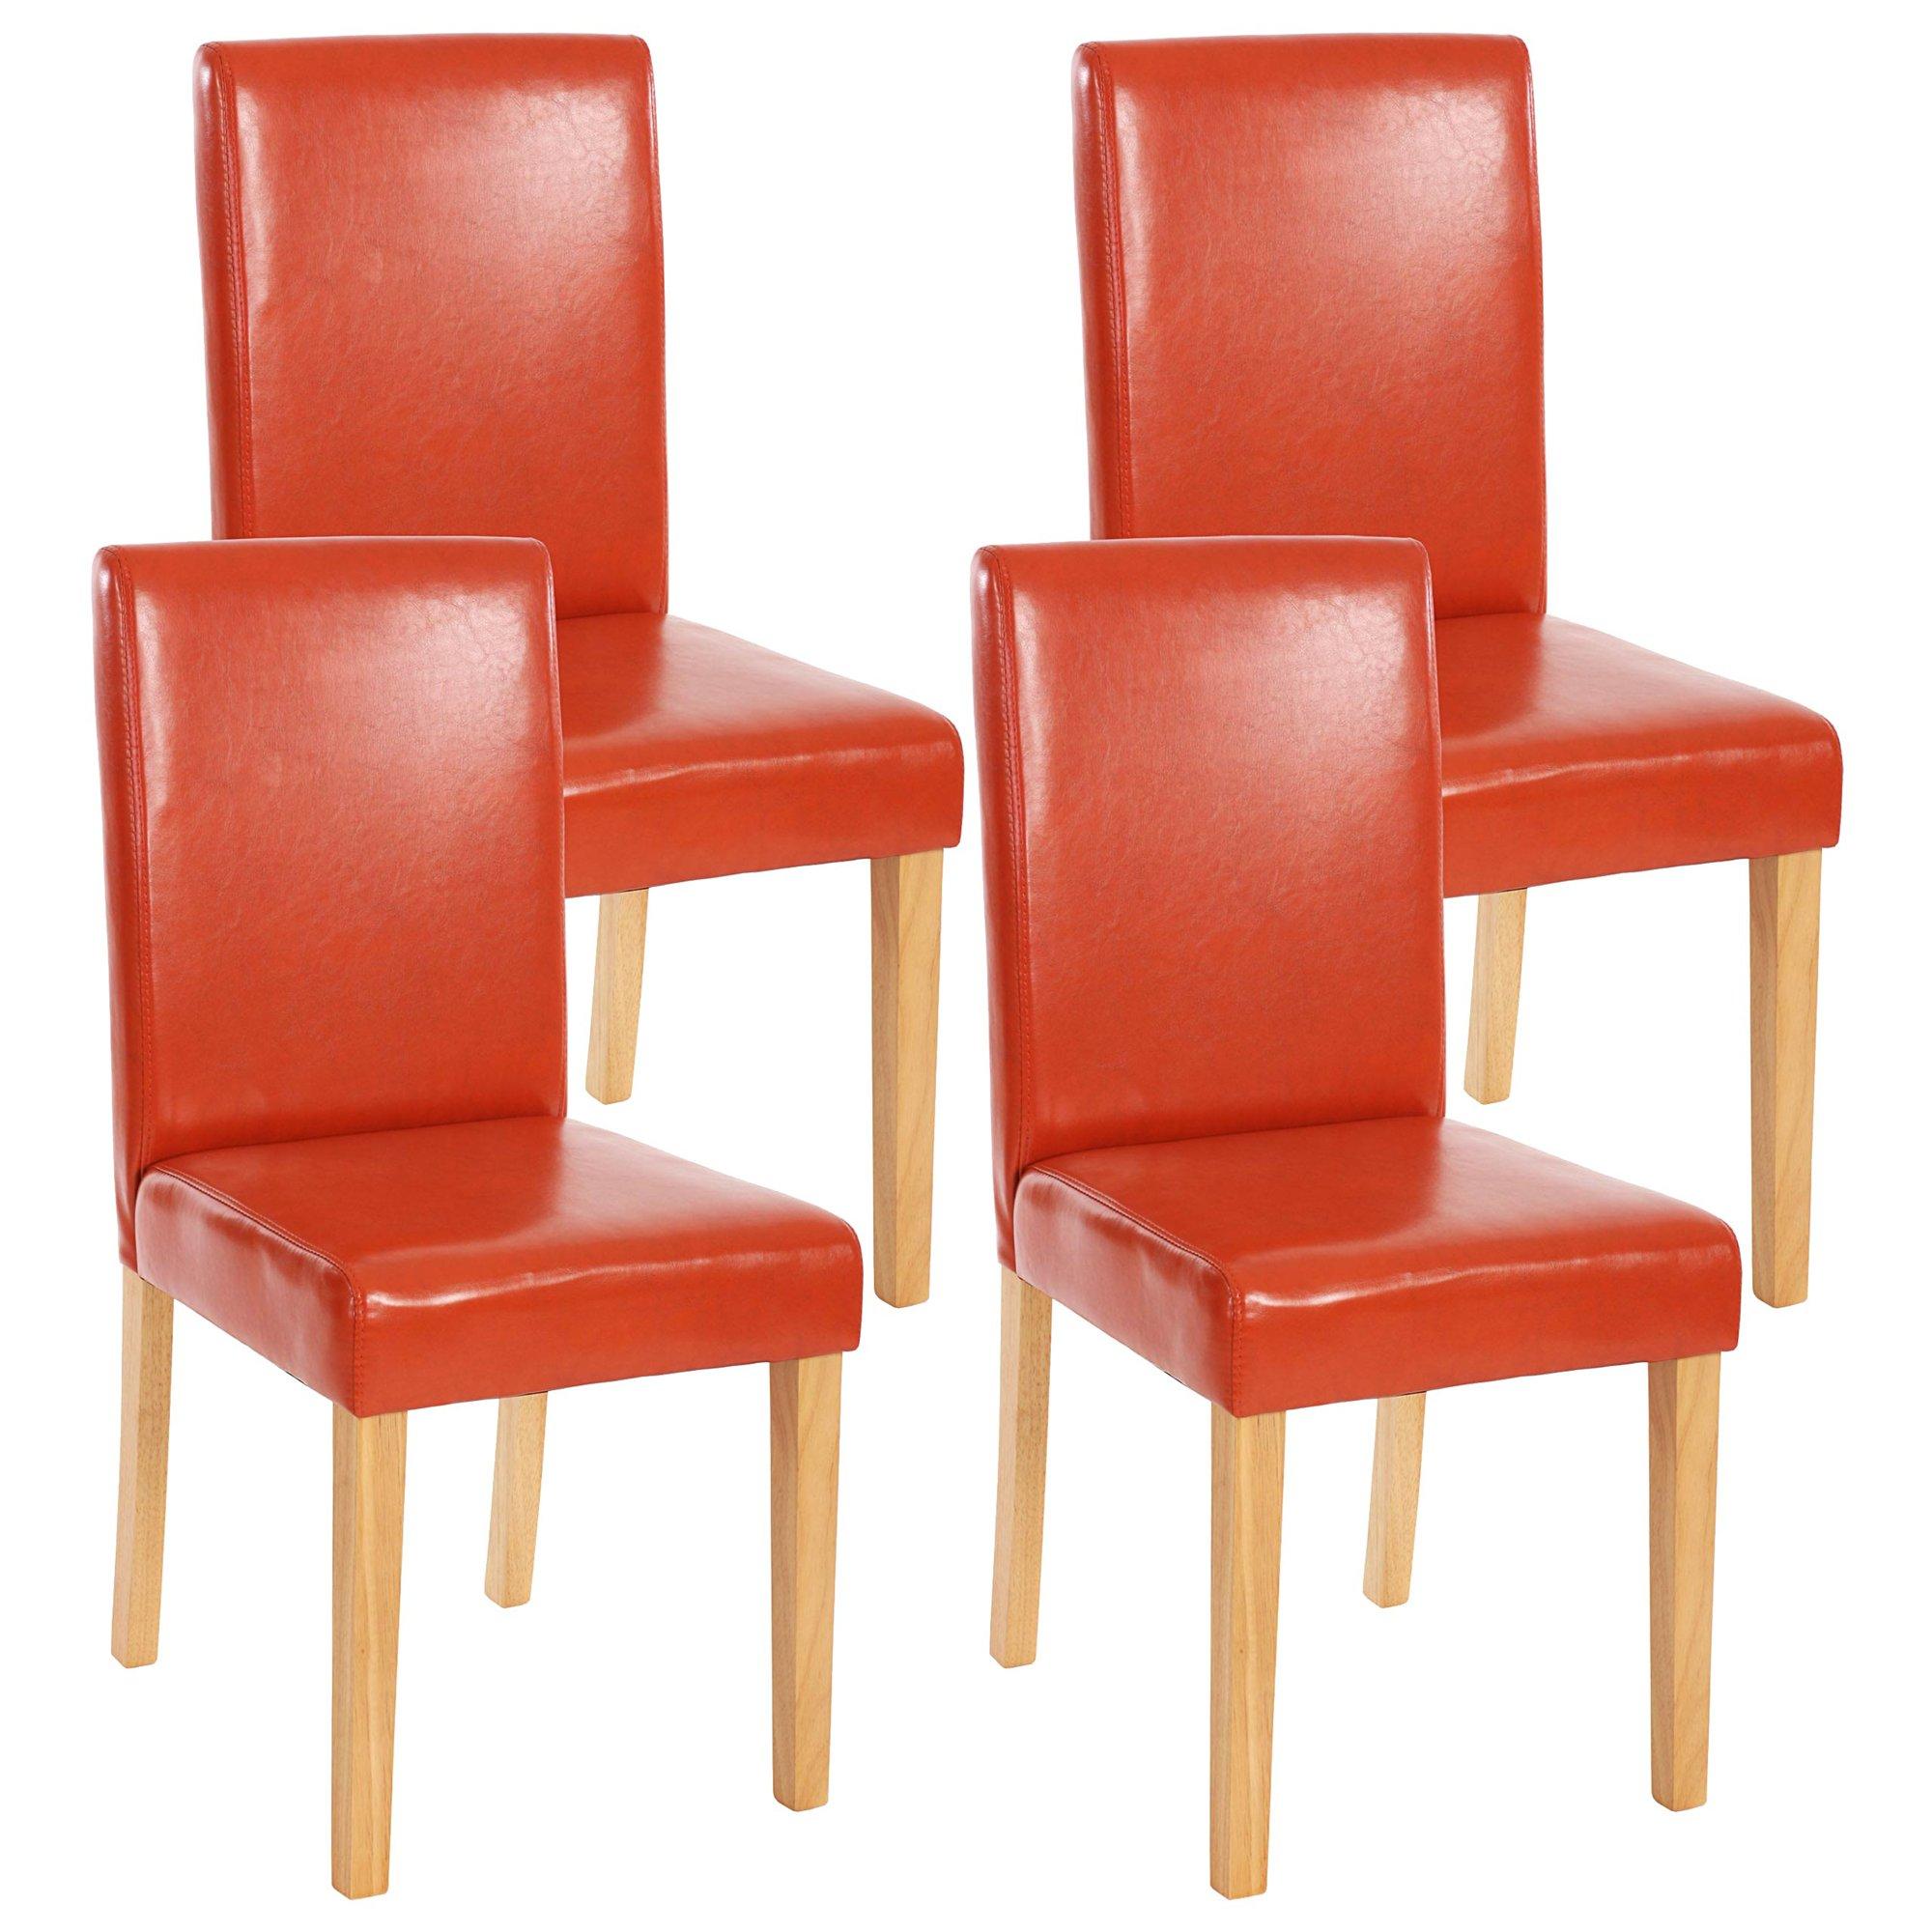 Lote 4 sillas de comedor litau en piel terracota lote 4 for Sillas de comedor de piel